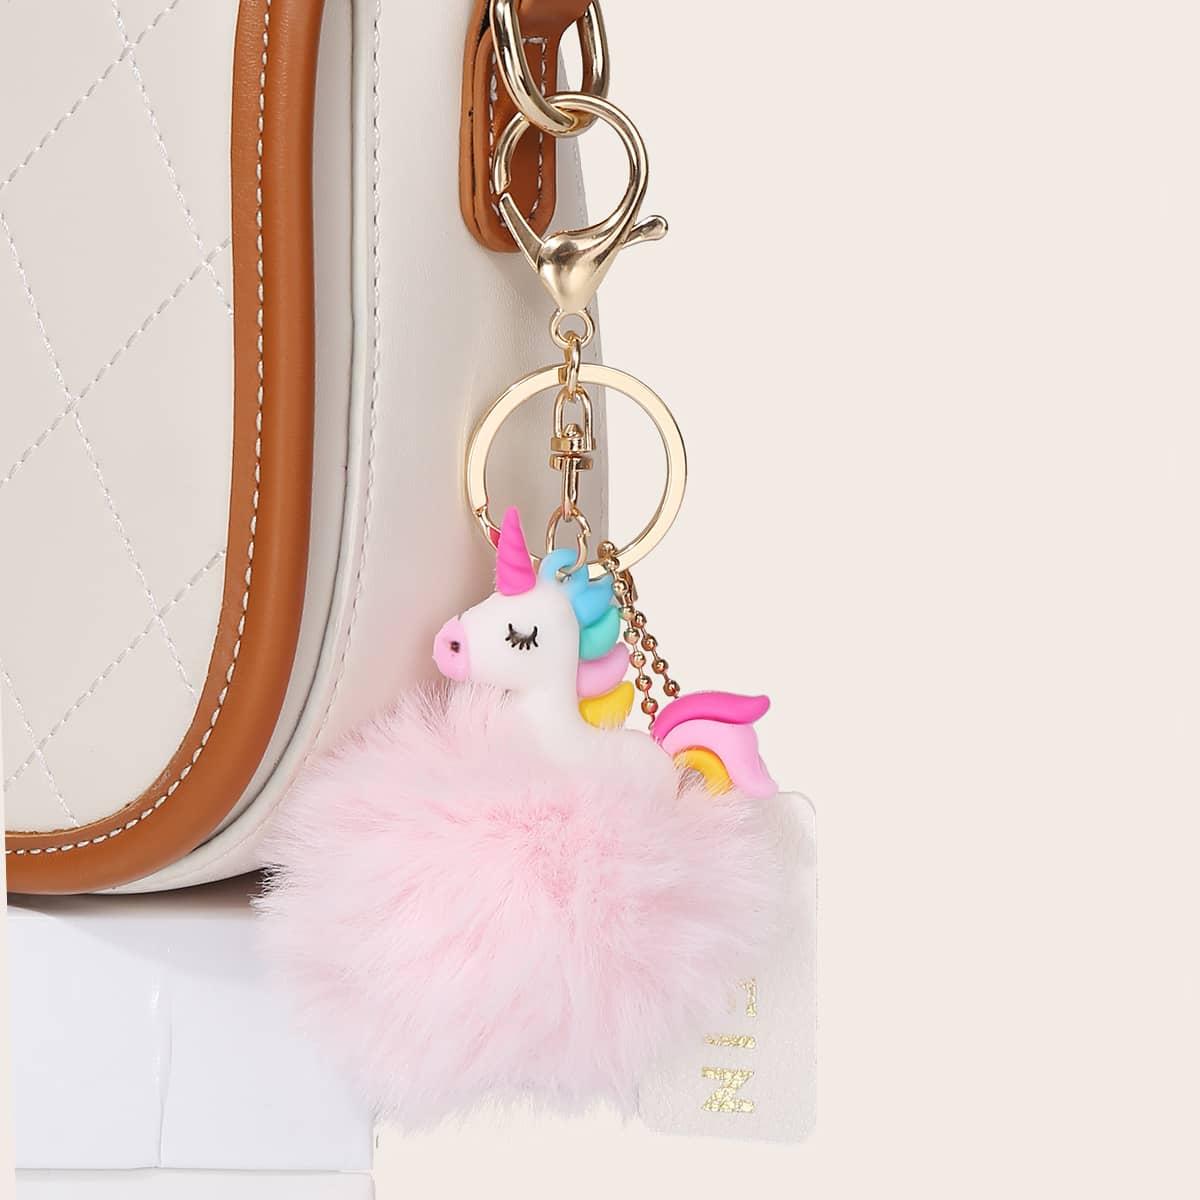 Pom-pom Decor Unicorn Shaped Bag Charm